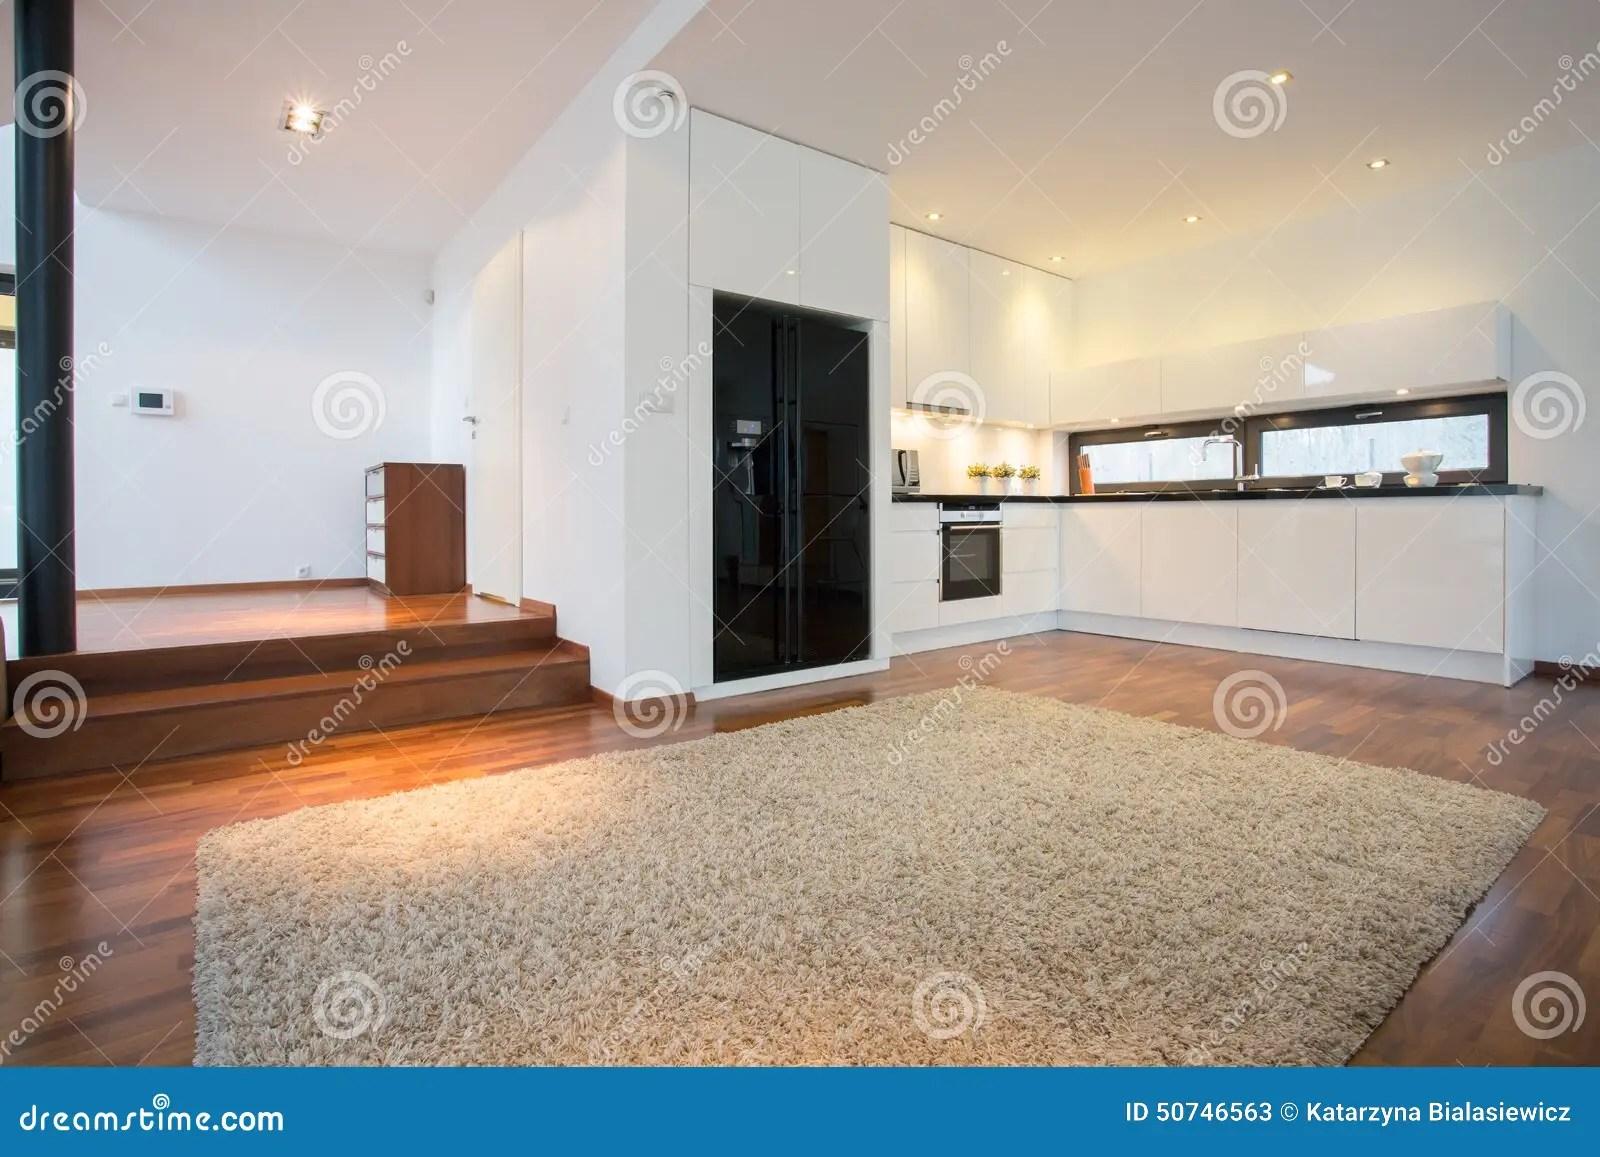 Ruime Woonkamer Met Open Keuken Stock Afbeelding